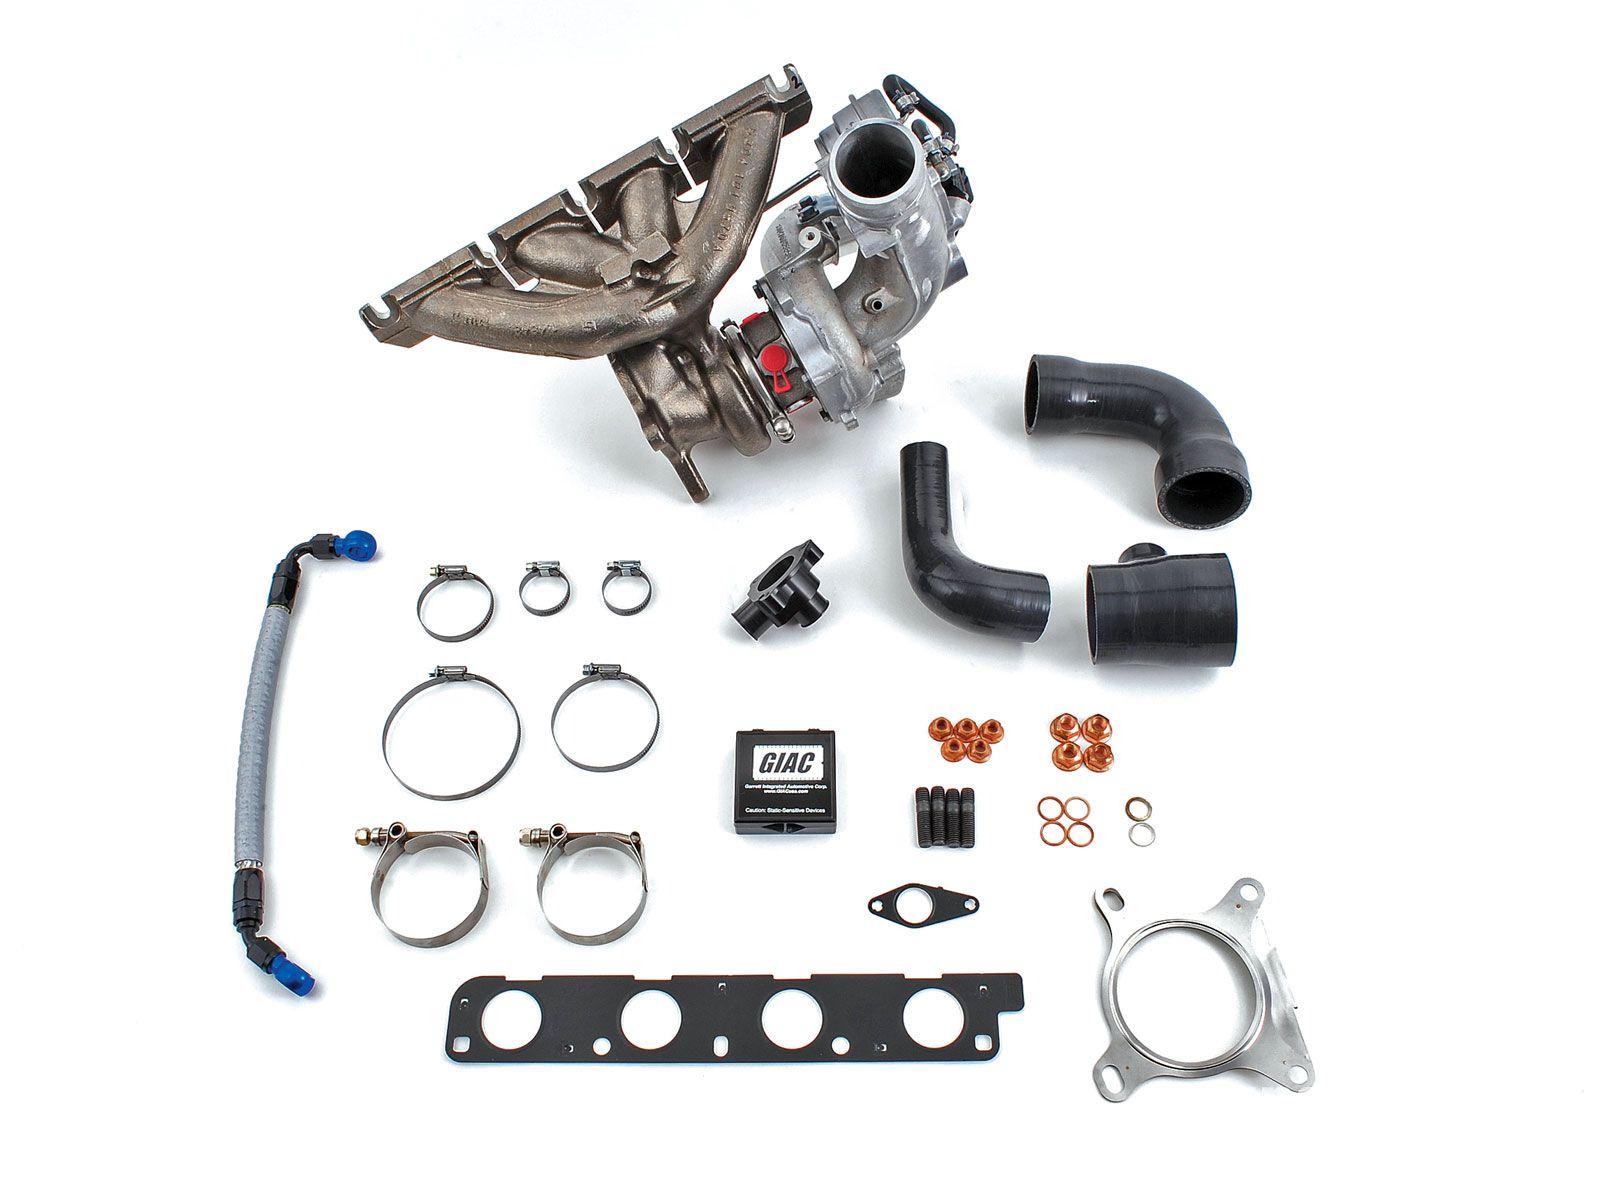 Turbo kit